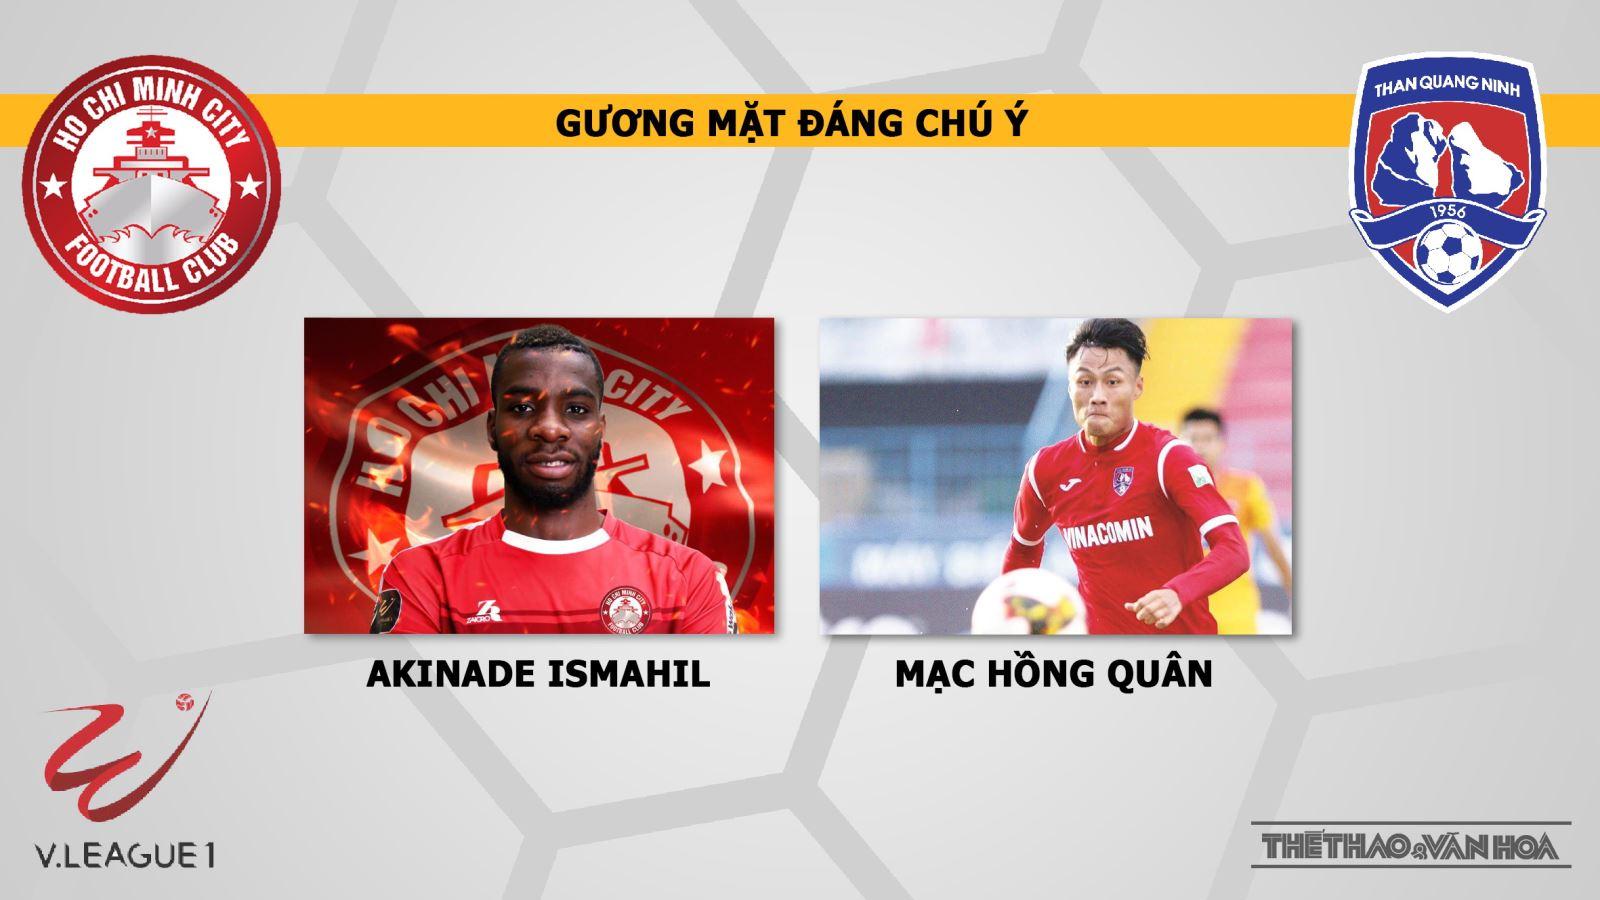 truc tiep bong da hôm nay, CLB TP.HCM đấu với Than Quảng Ninh, trực tiếp bóng đá, CLB TP.HCM vs Than Quảng Ninh, V League, Than Quảng Ninh, xem trực tuyến, VTV6, thể thao TV, TTTV, BĐTV, FPT Play